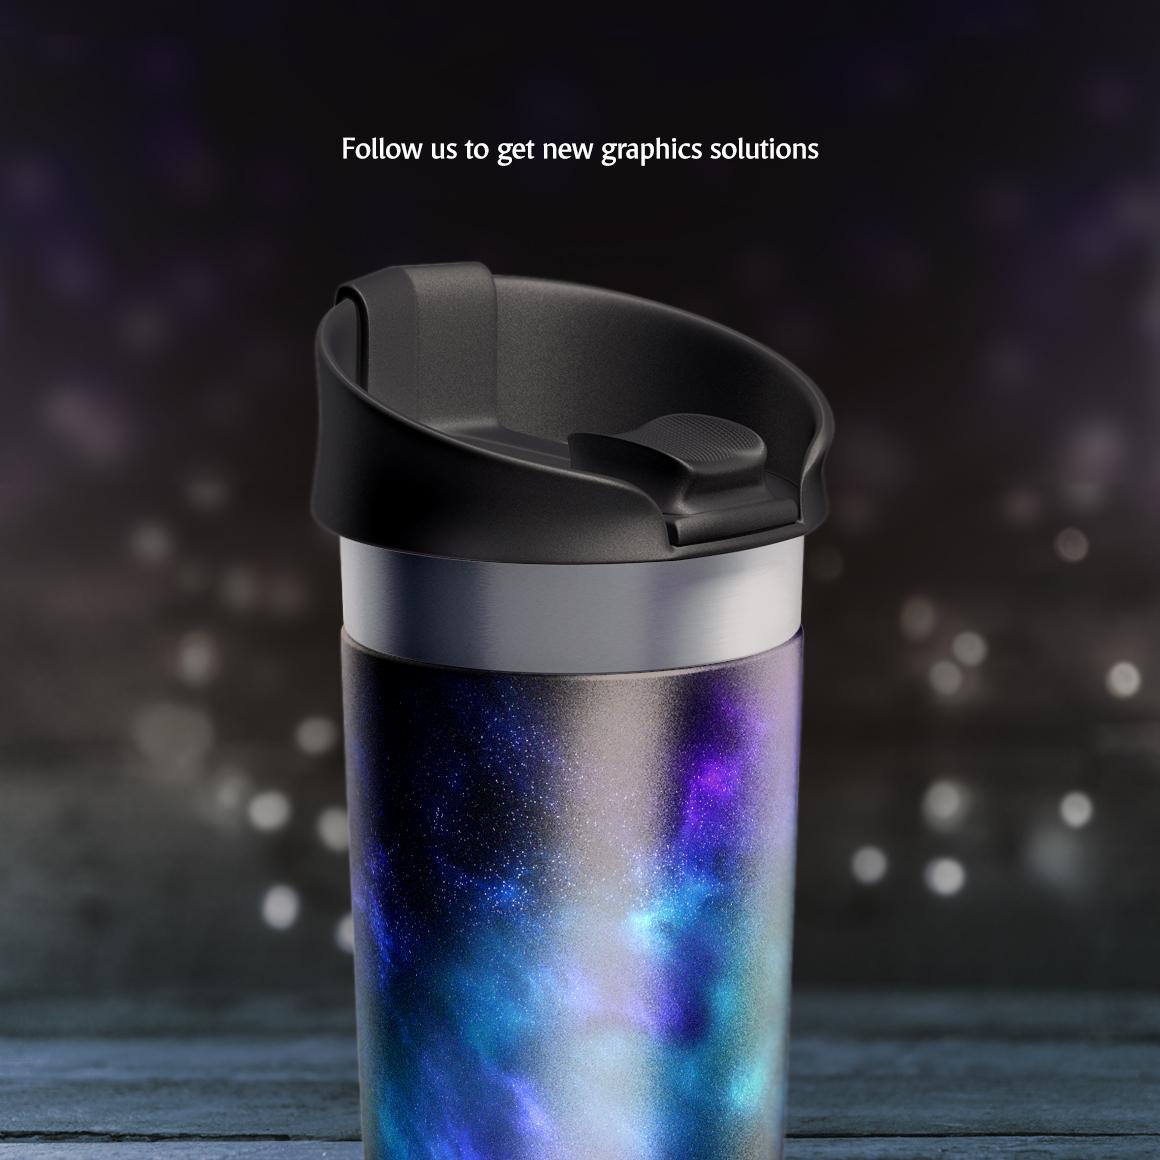 Travel Mug Mockup example image 8